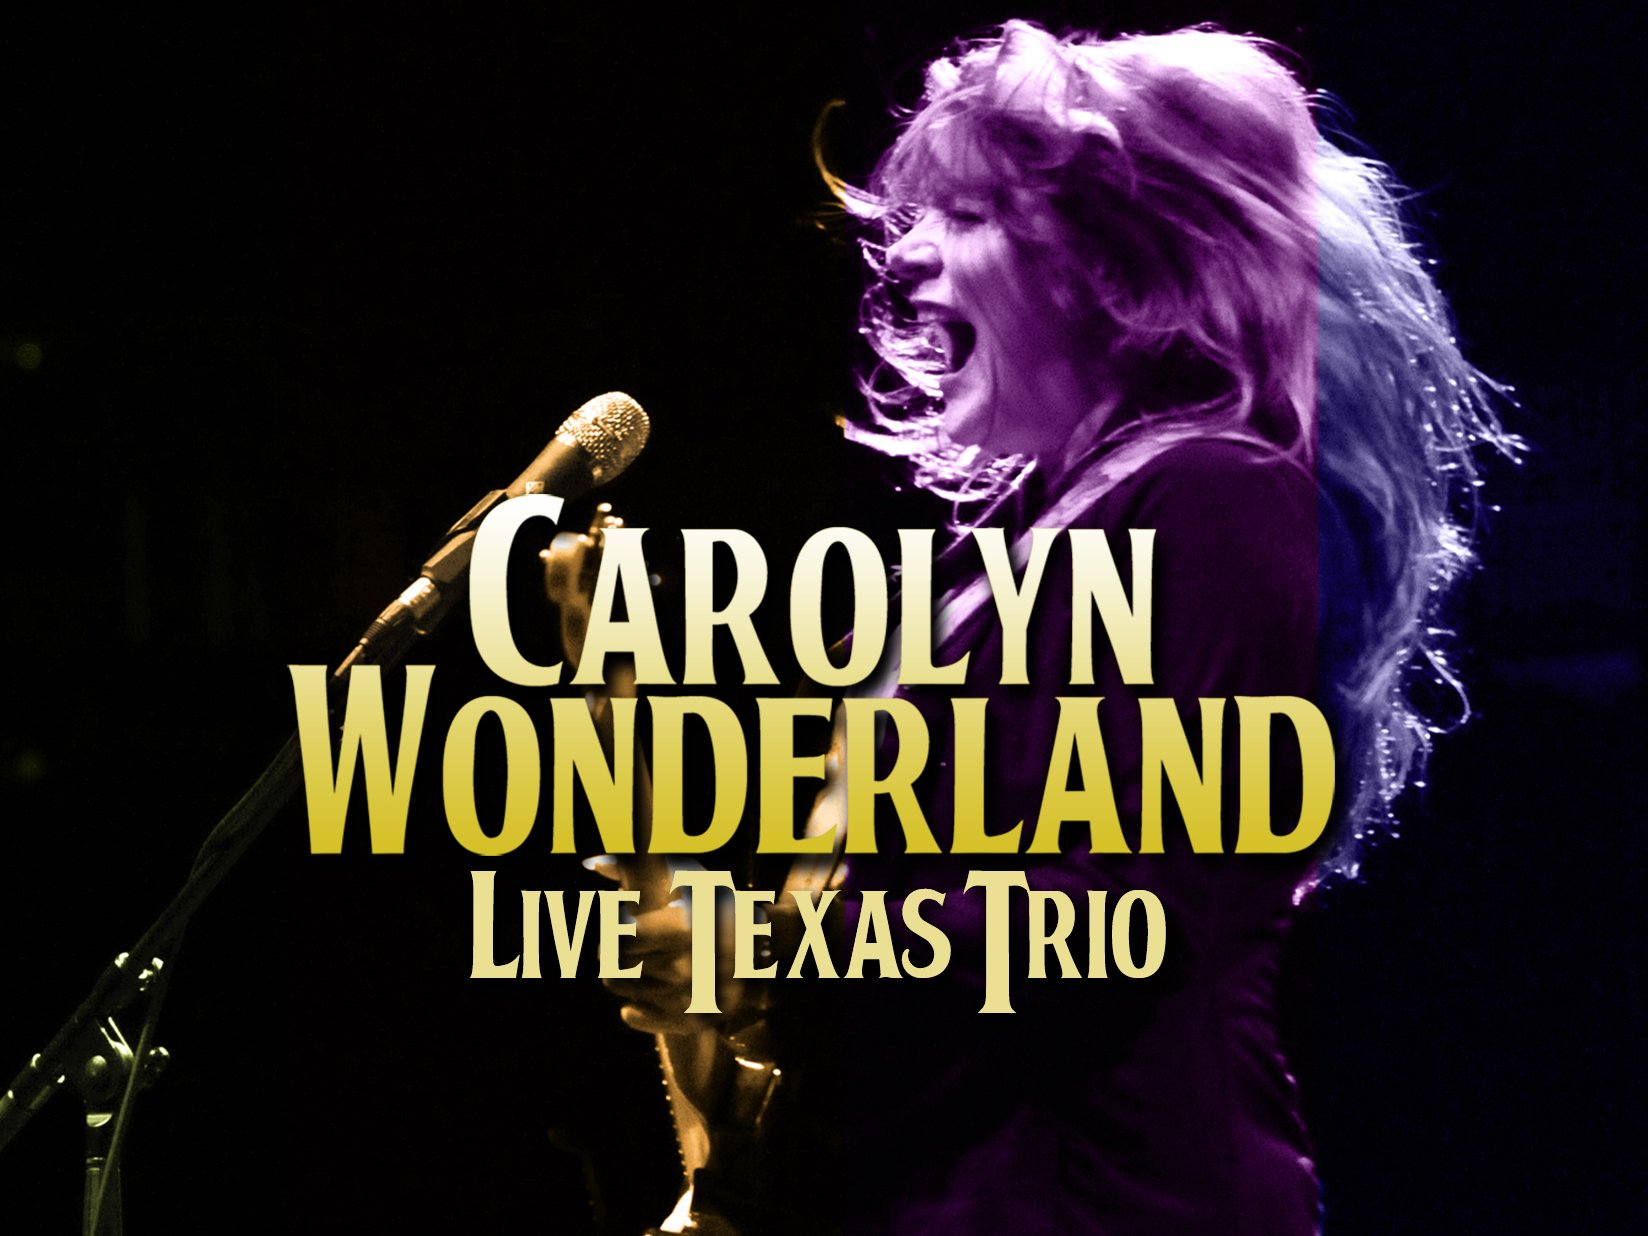 Image for Carolyn Wonderland